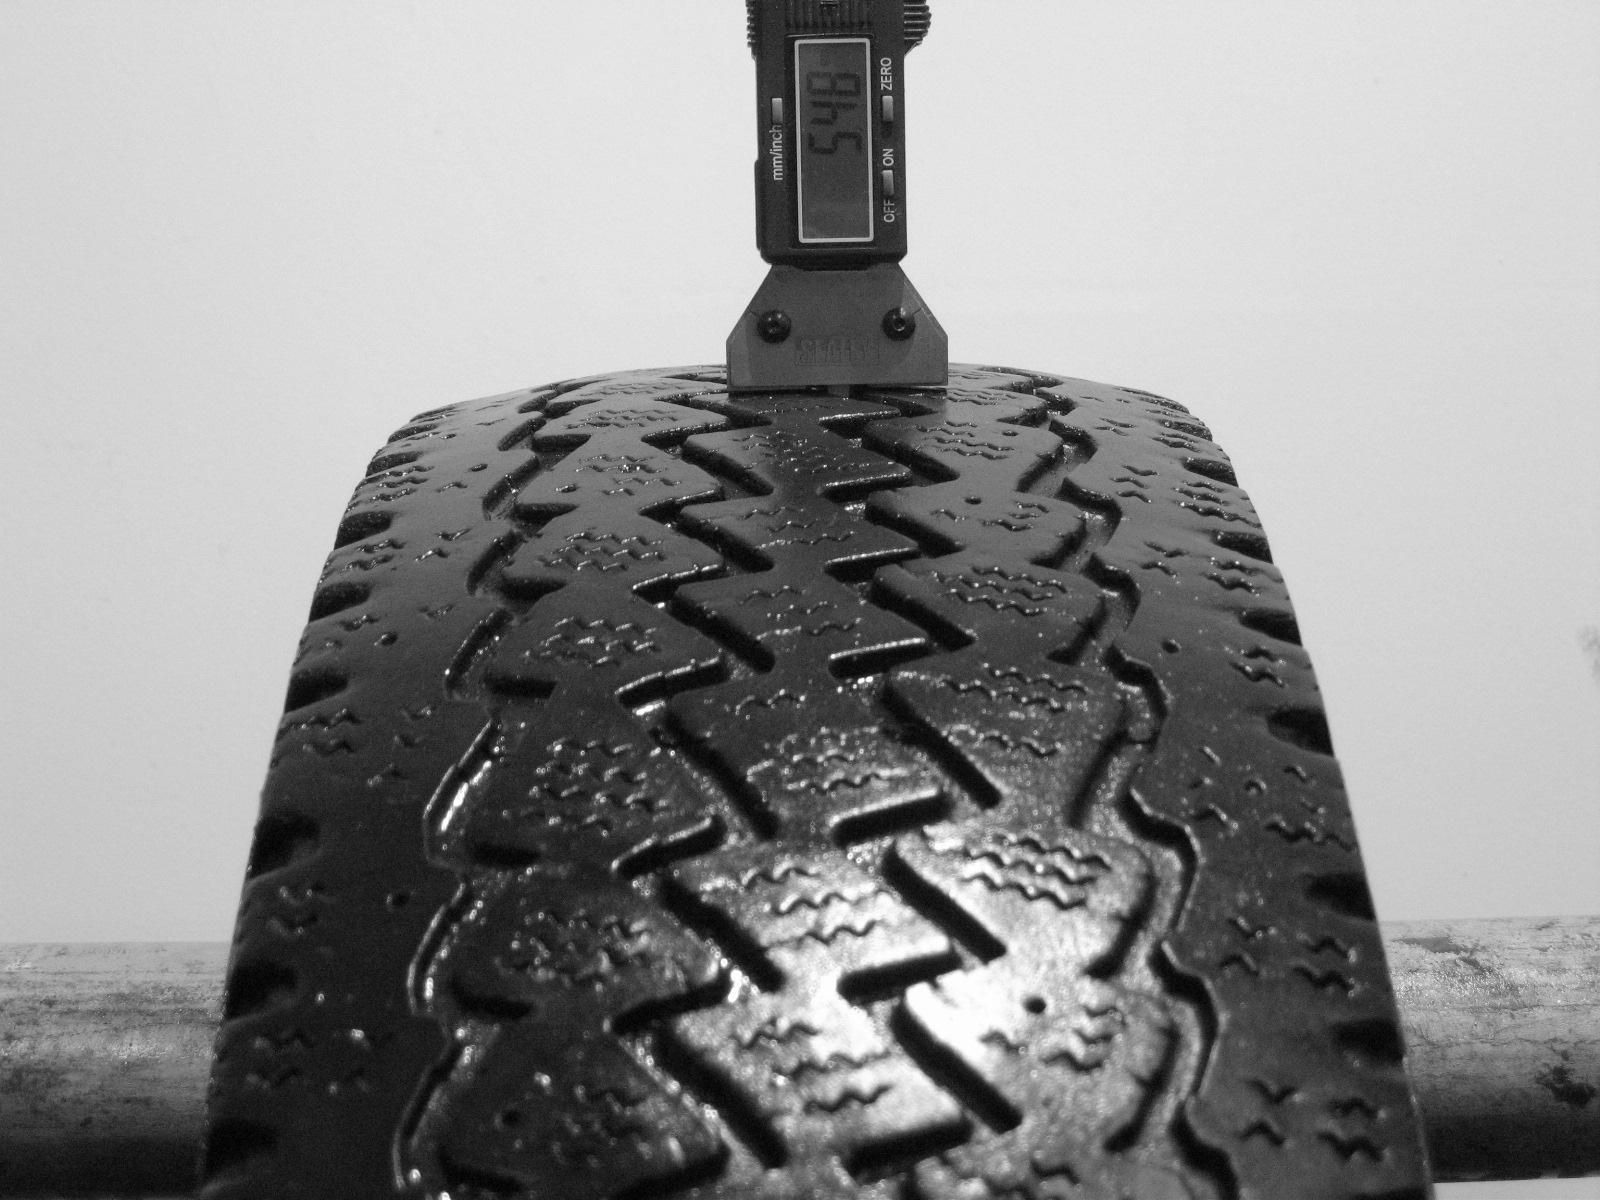 Použité-Pneu-Bazar - 195/70 R15 C GISLAVED NORDFROST C -kusovka-rezerva 3mm